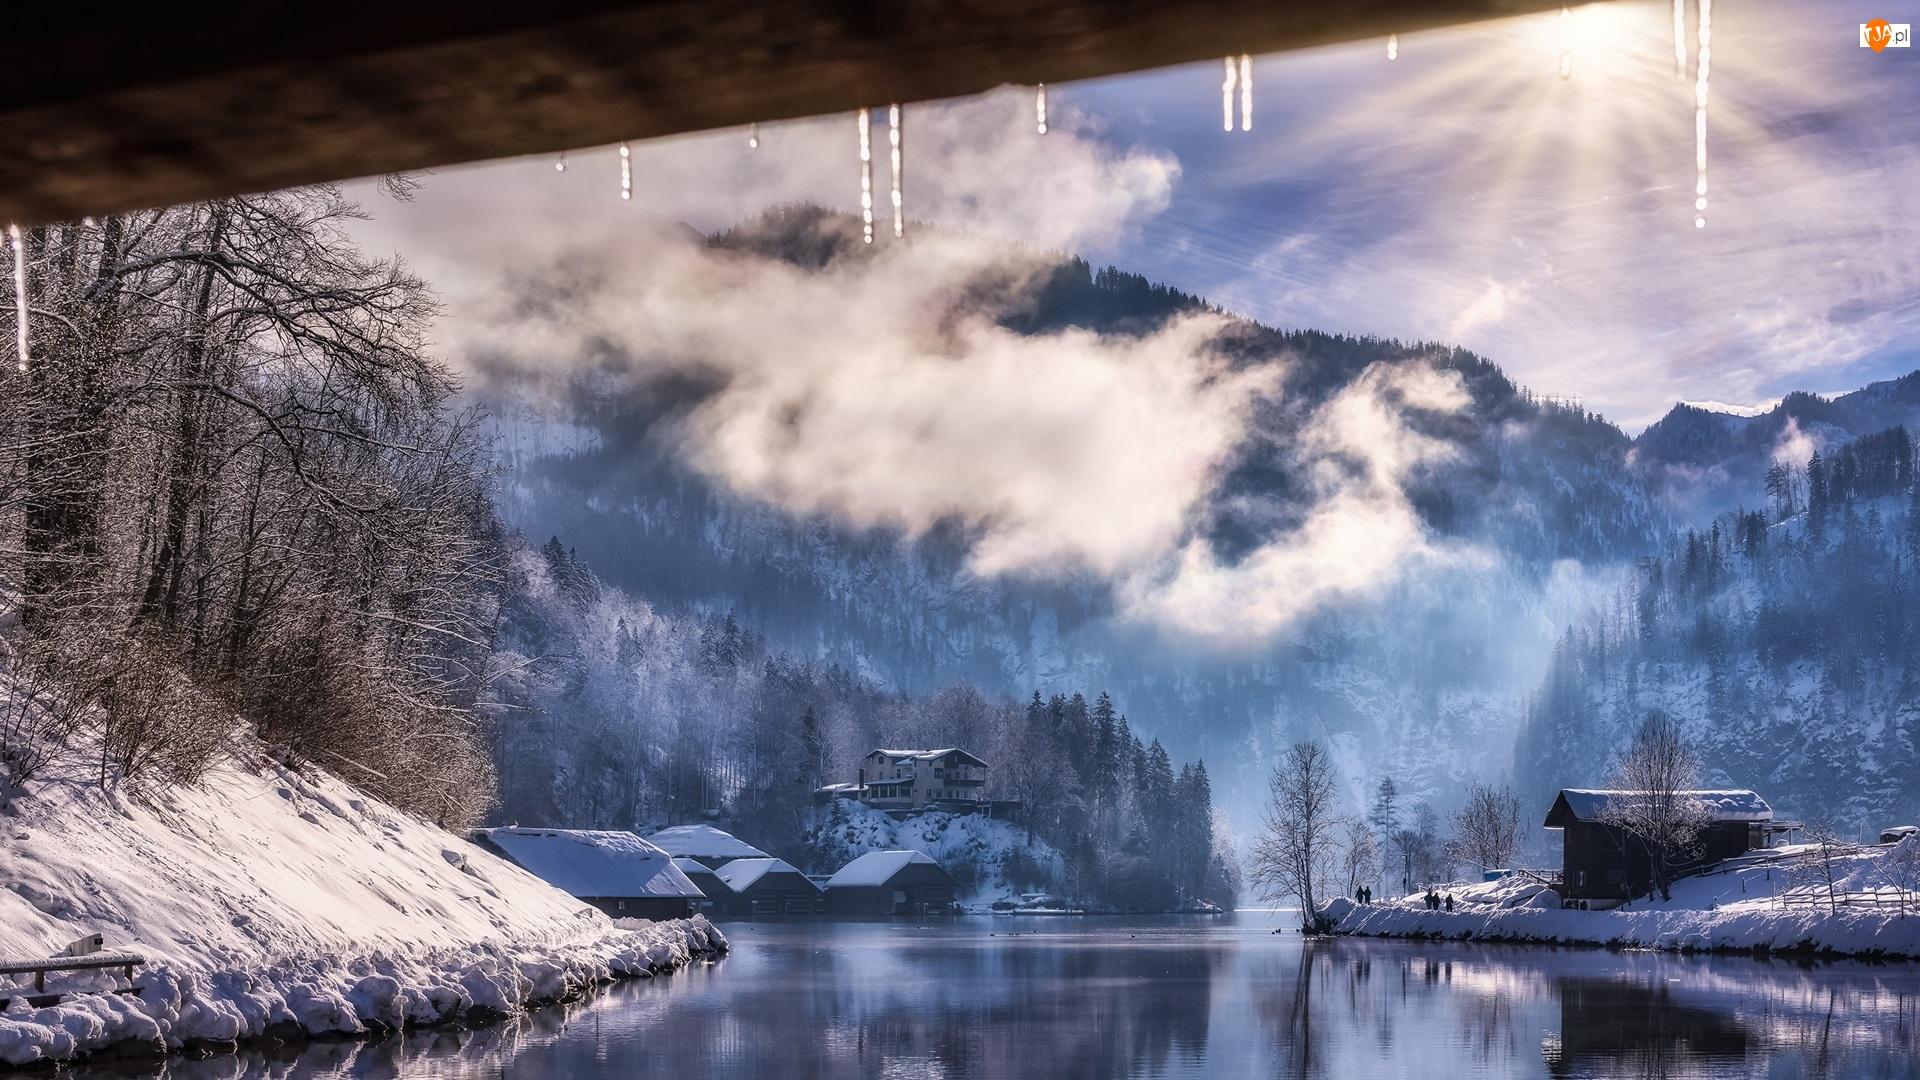 Góry, Park Narodowy Berchtesgaden, Mgła, Las, Bawaria, Chmury, Jezioro Konigssee, Niemcy, Domy, Zima, Promienie słońca